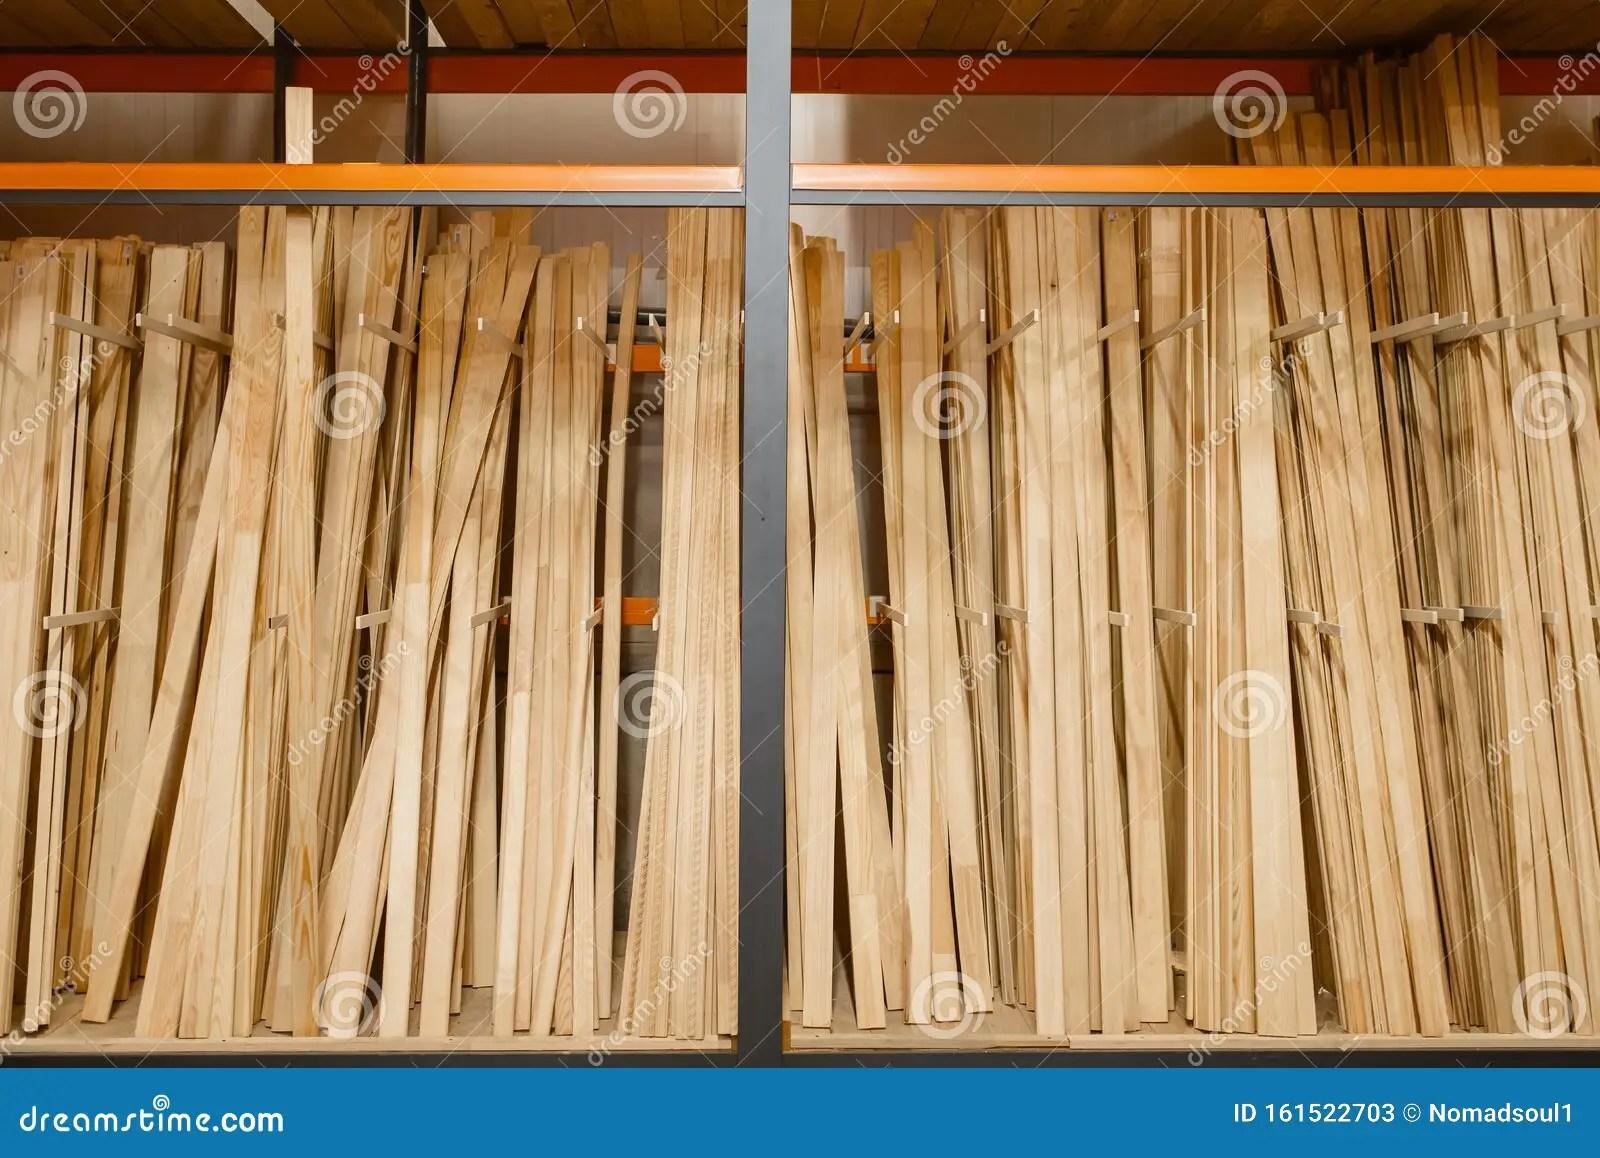 avec planche en bois image stock